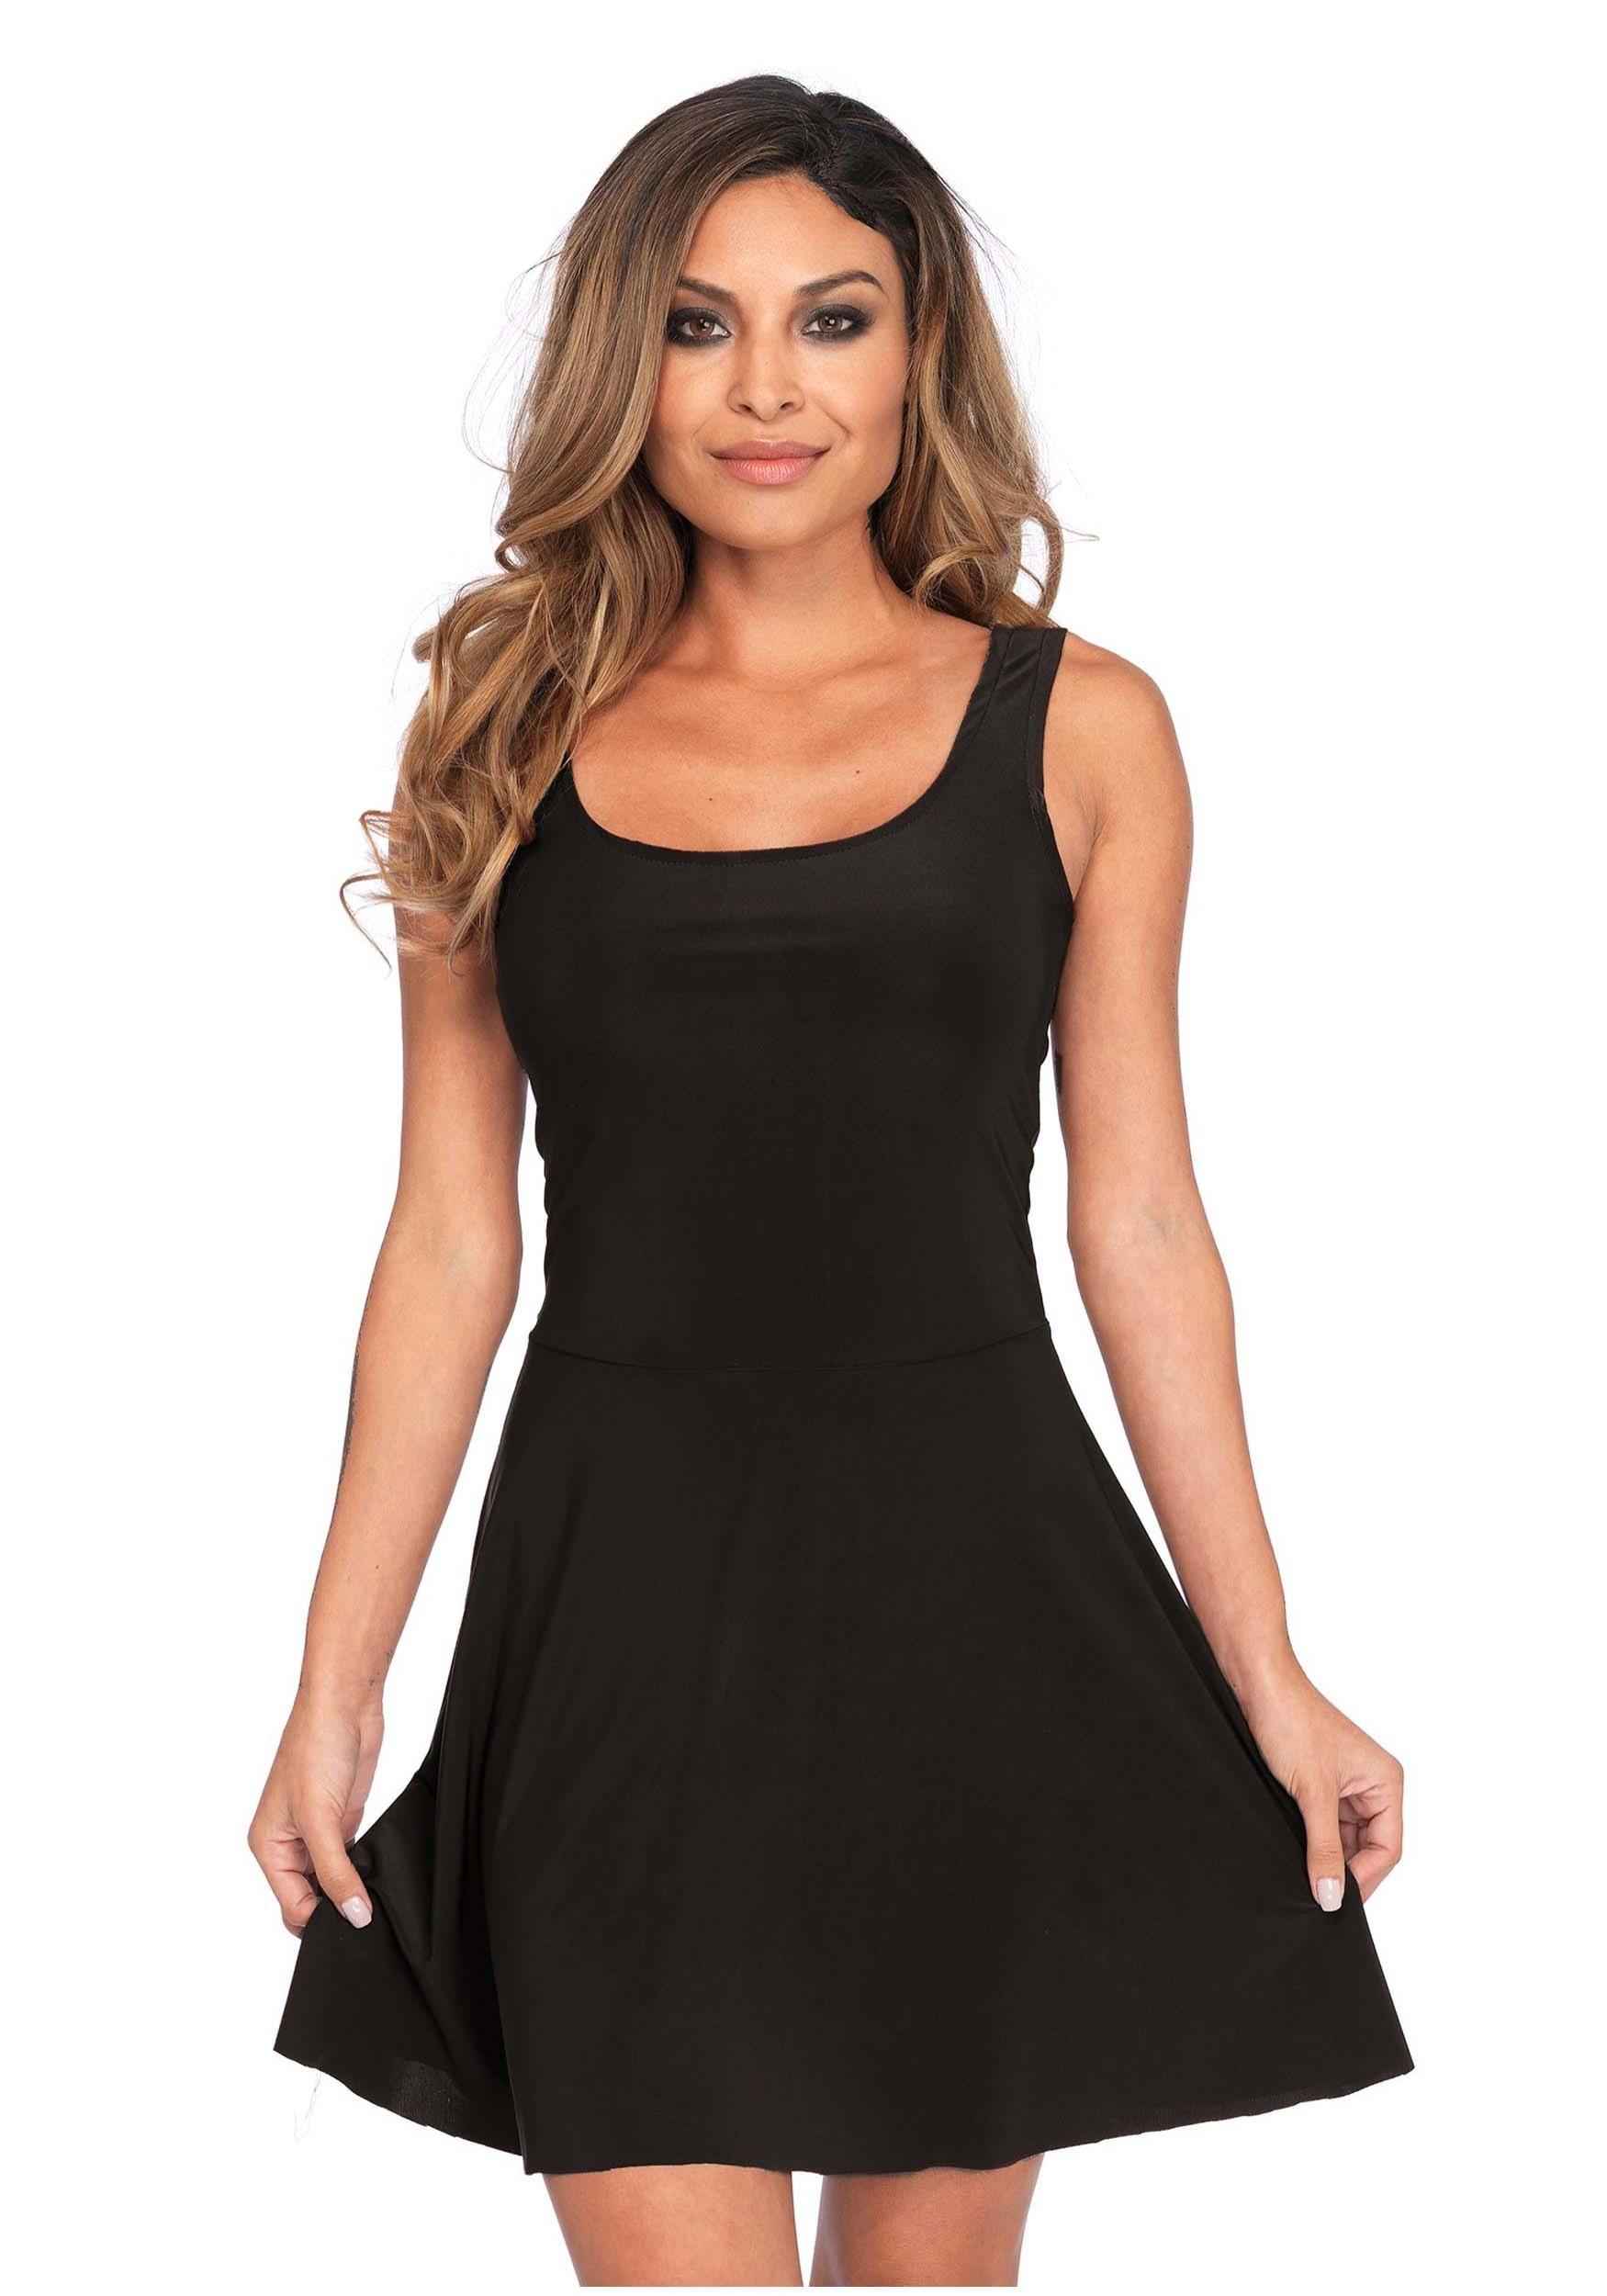 e28ae6be7407a Basic Black Skater Dress Costume for Women